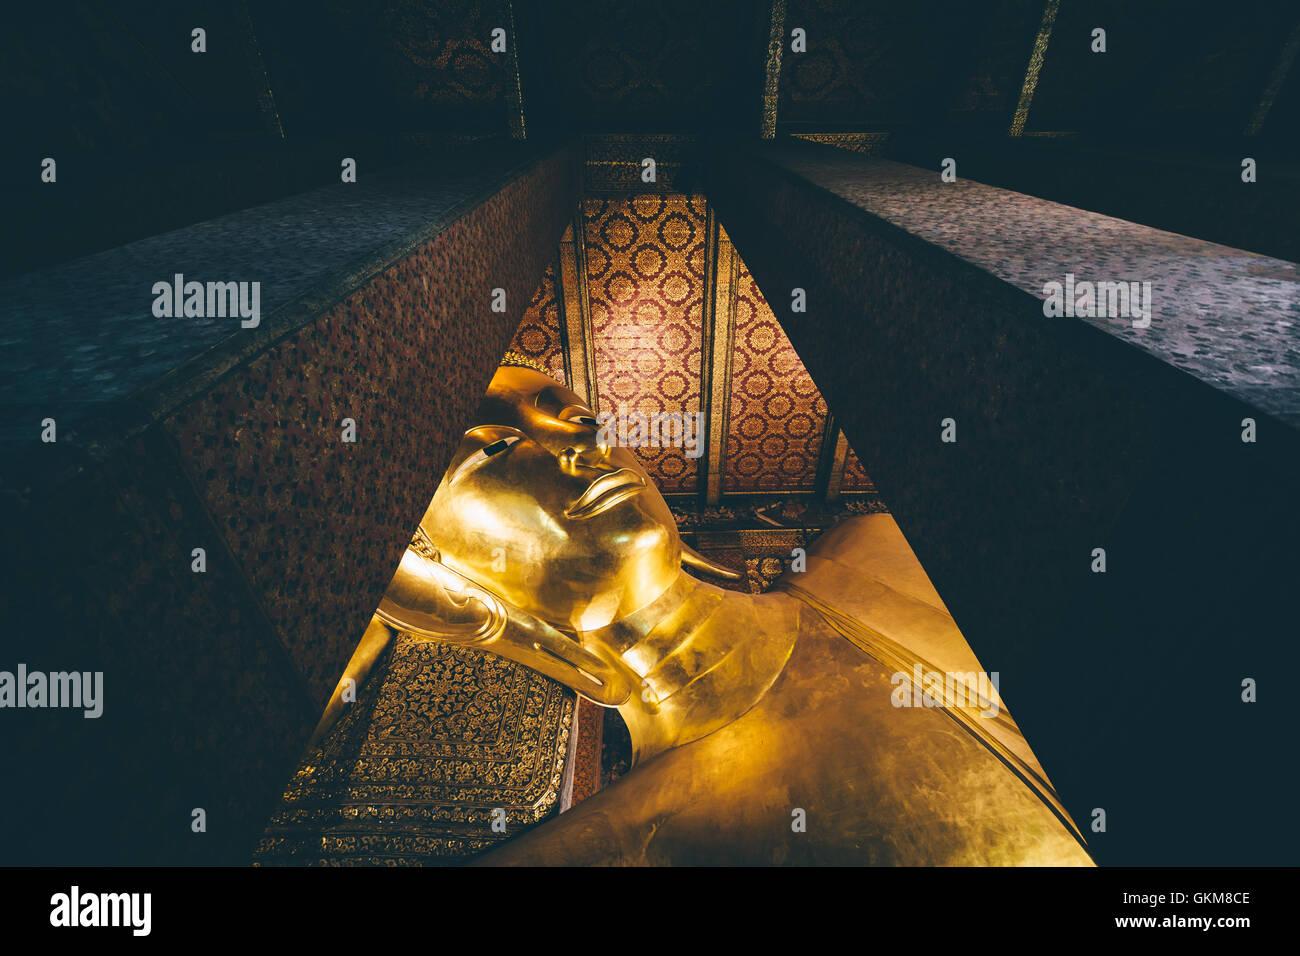 Der liegende Buddha im Wat Pho in Bangkok, Thailand. Stockbild